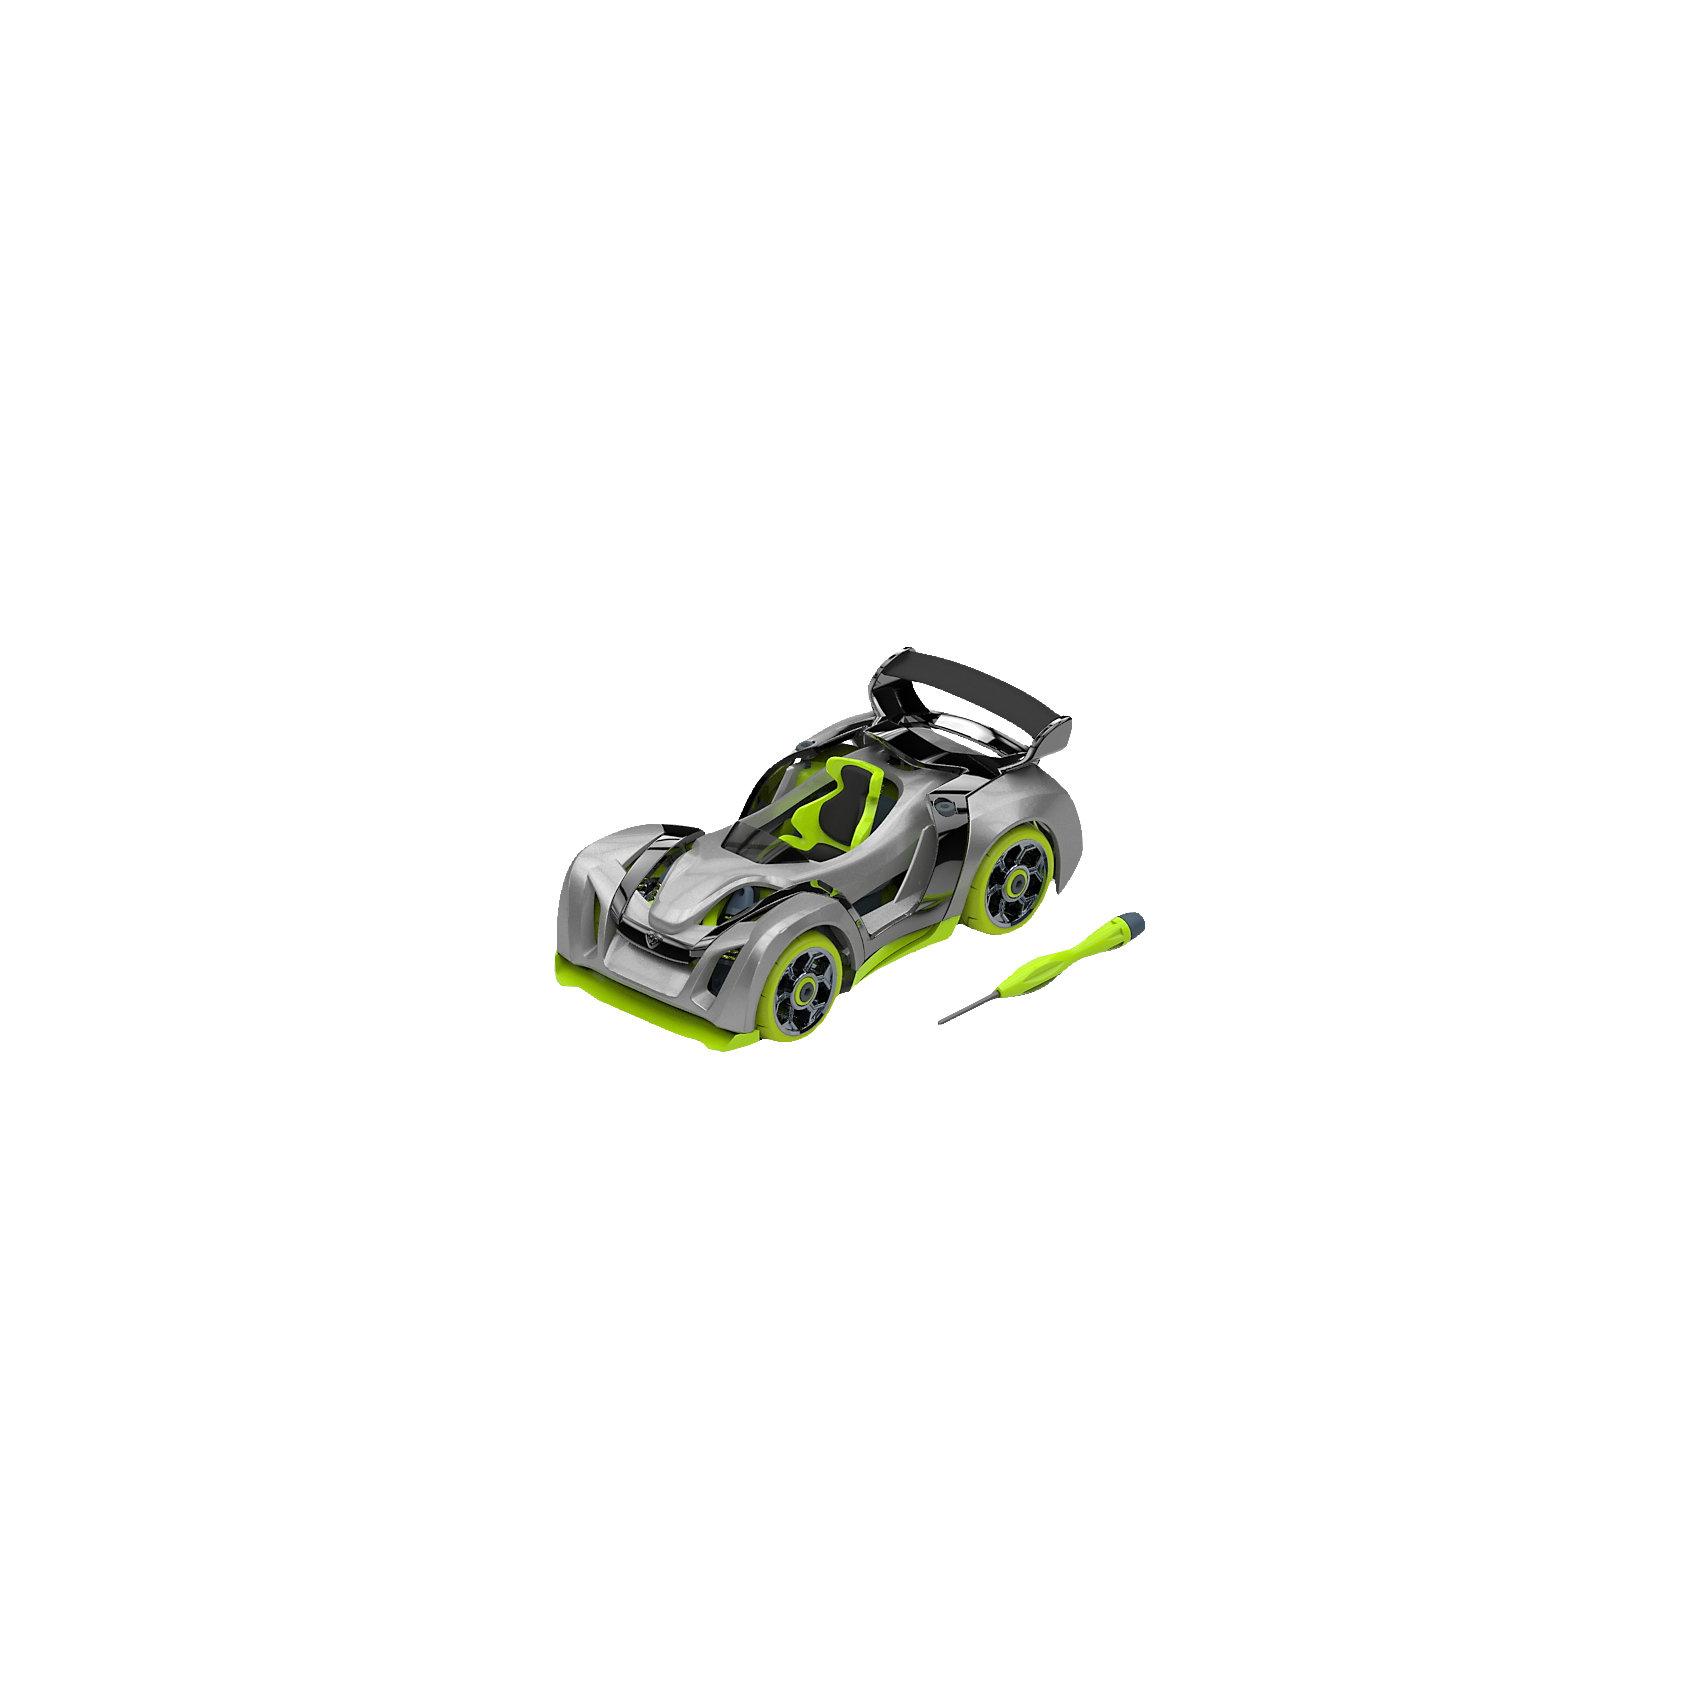 Набор для сборки машинки T1 Track Car Single, ModarriСборные модели транспорта<br>Набор для сборки машинки T1 Track Car Single, Modarri<br><br>Характеристики: <br><br>• Возраст: от 7 лет<br>• Материал: металл, пластмасса<br>• Комплектация набора: детали для сборки машины, отвертка, инструкция<br><br>Этот современный набор подойдет для использования детьми от семи лет. В комплект входят запчасти для создания гоночных машинок, которые смоделированы по образцу настоящих итальянских суперкаров и внедорожника с яркой подсветкой и высокой маневренностью. Все запчасти автомобилей взаимозаменяемы между собой, а так же имеют повышенную прочность. <br><br>Каждая модель имеет высокую детализацию и, без сомнения, впечатлит юного конструктора. В наборе содержатся не только детали от машинок, но и отвертка с инструкцией, чтобы ваш ребенок мог как можно скорее получить впечатляющий и радующий его результат.<br><br>Набор для сборки машинки T1 Track Car Single, Modarri можно купить в нашем интернет-магазине.<br><br>Ширина мм: 215<br>Глубина мм: 200<br>Высота мм: 83<br>Вес г: 260<br>Возраст от месяцев: 96<br>Возраст до месяцев: 2147483647<br>Пол: Унисекс<br>Возраст: Детский<br>SKU: 5430837